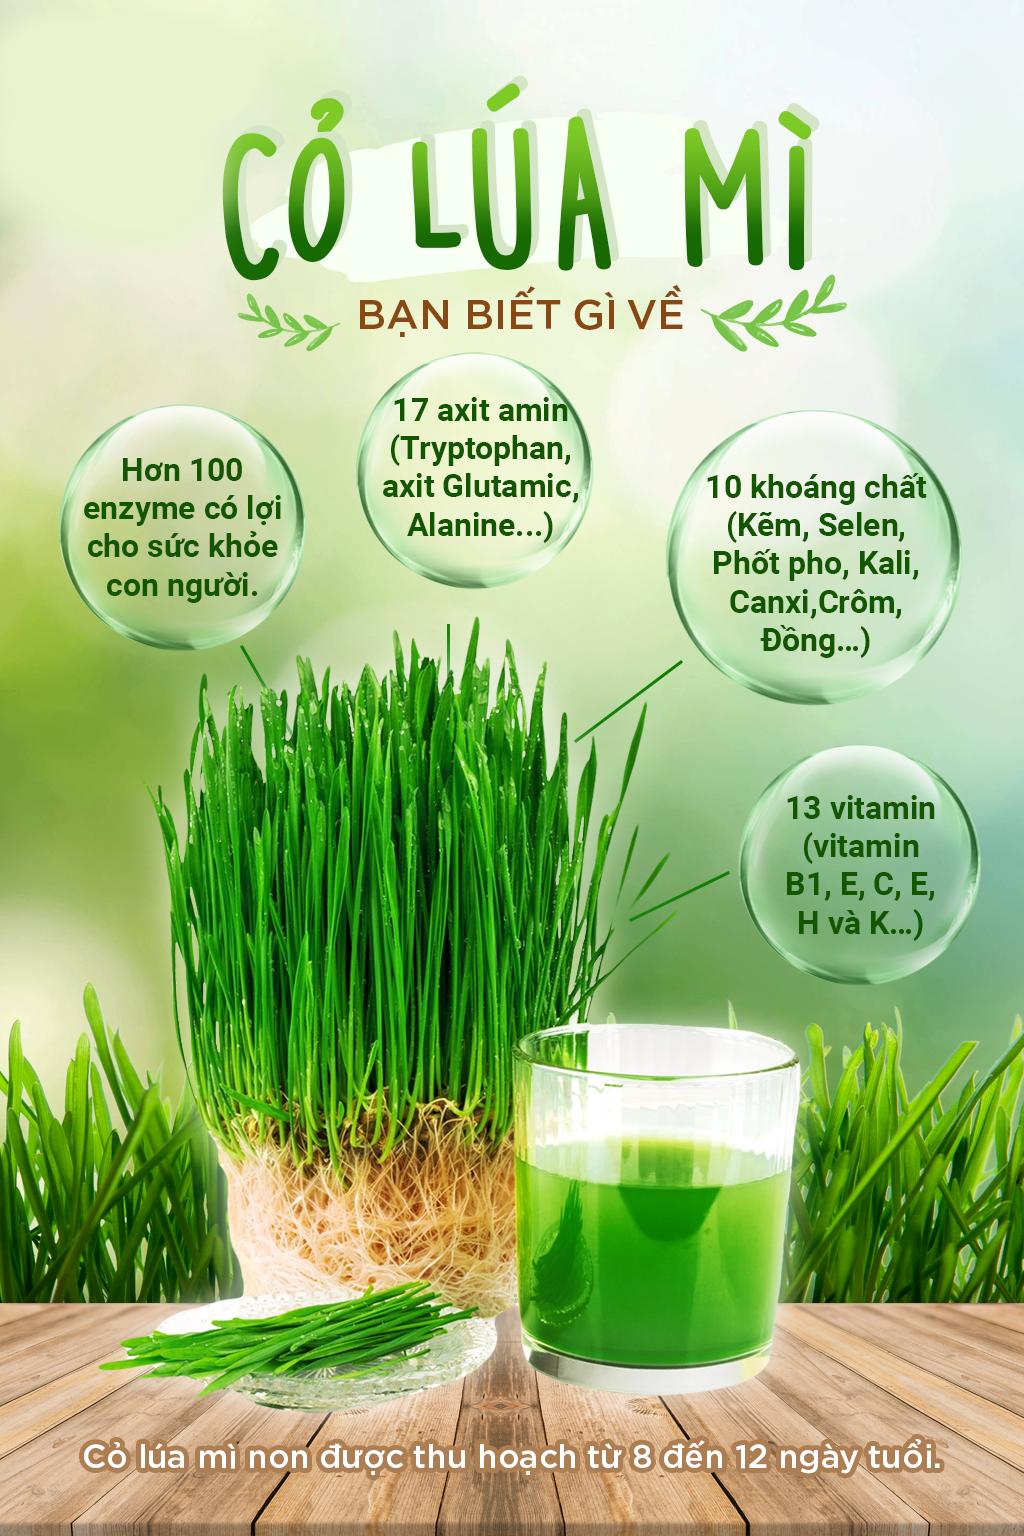 Viên uống Deep Blue Health Wheat Grass từ cỏ lúa mì - Bổ sung khoáng chất & Vitamin